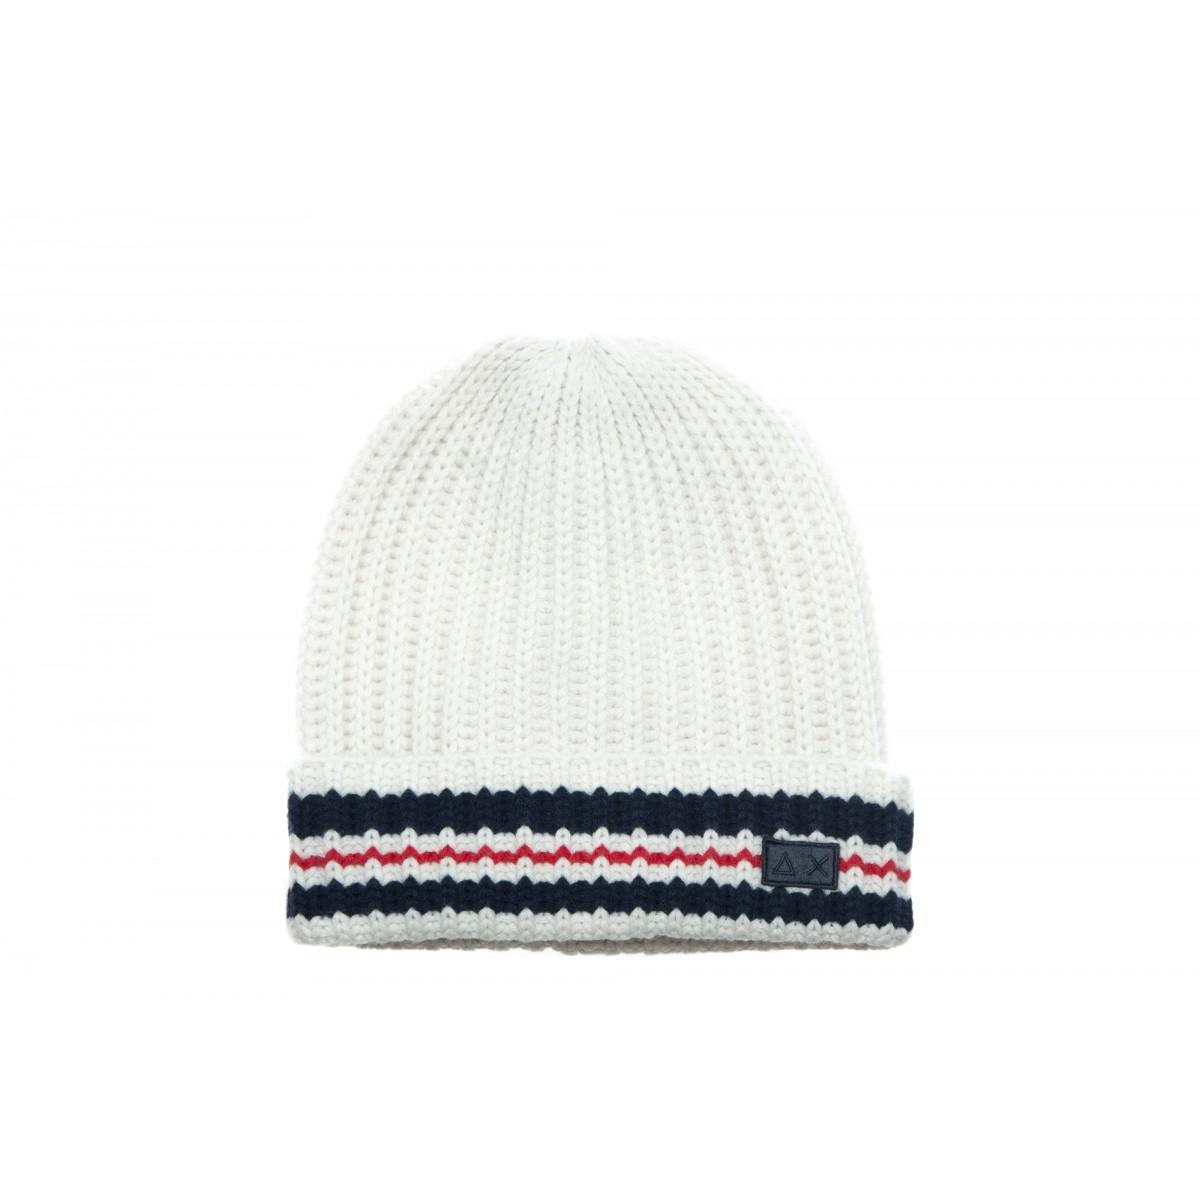 Berretto - C29129 berretto rigato